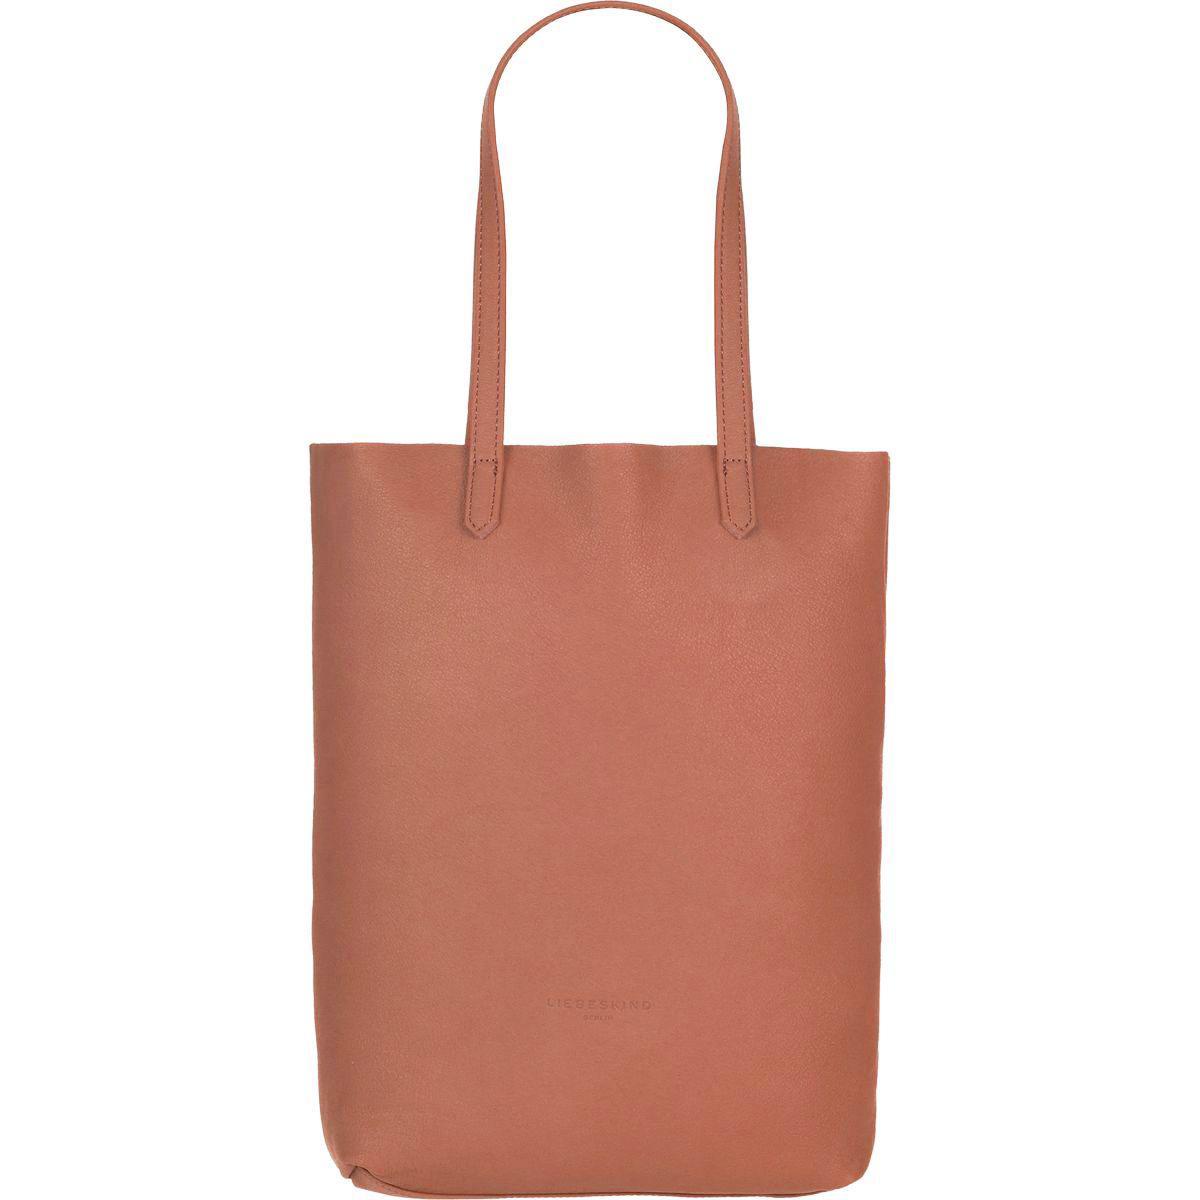 Liebeskind Viki F8 (Blush Pink) Handbags 0rBAx2